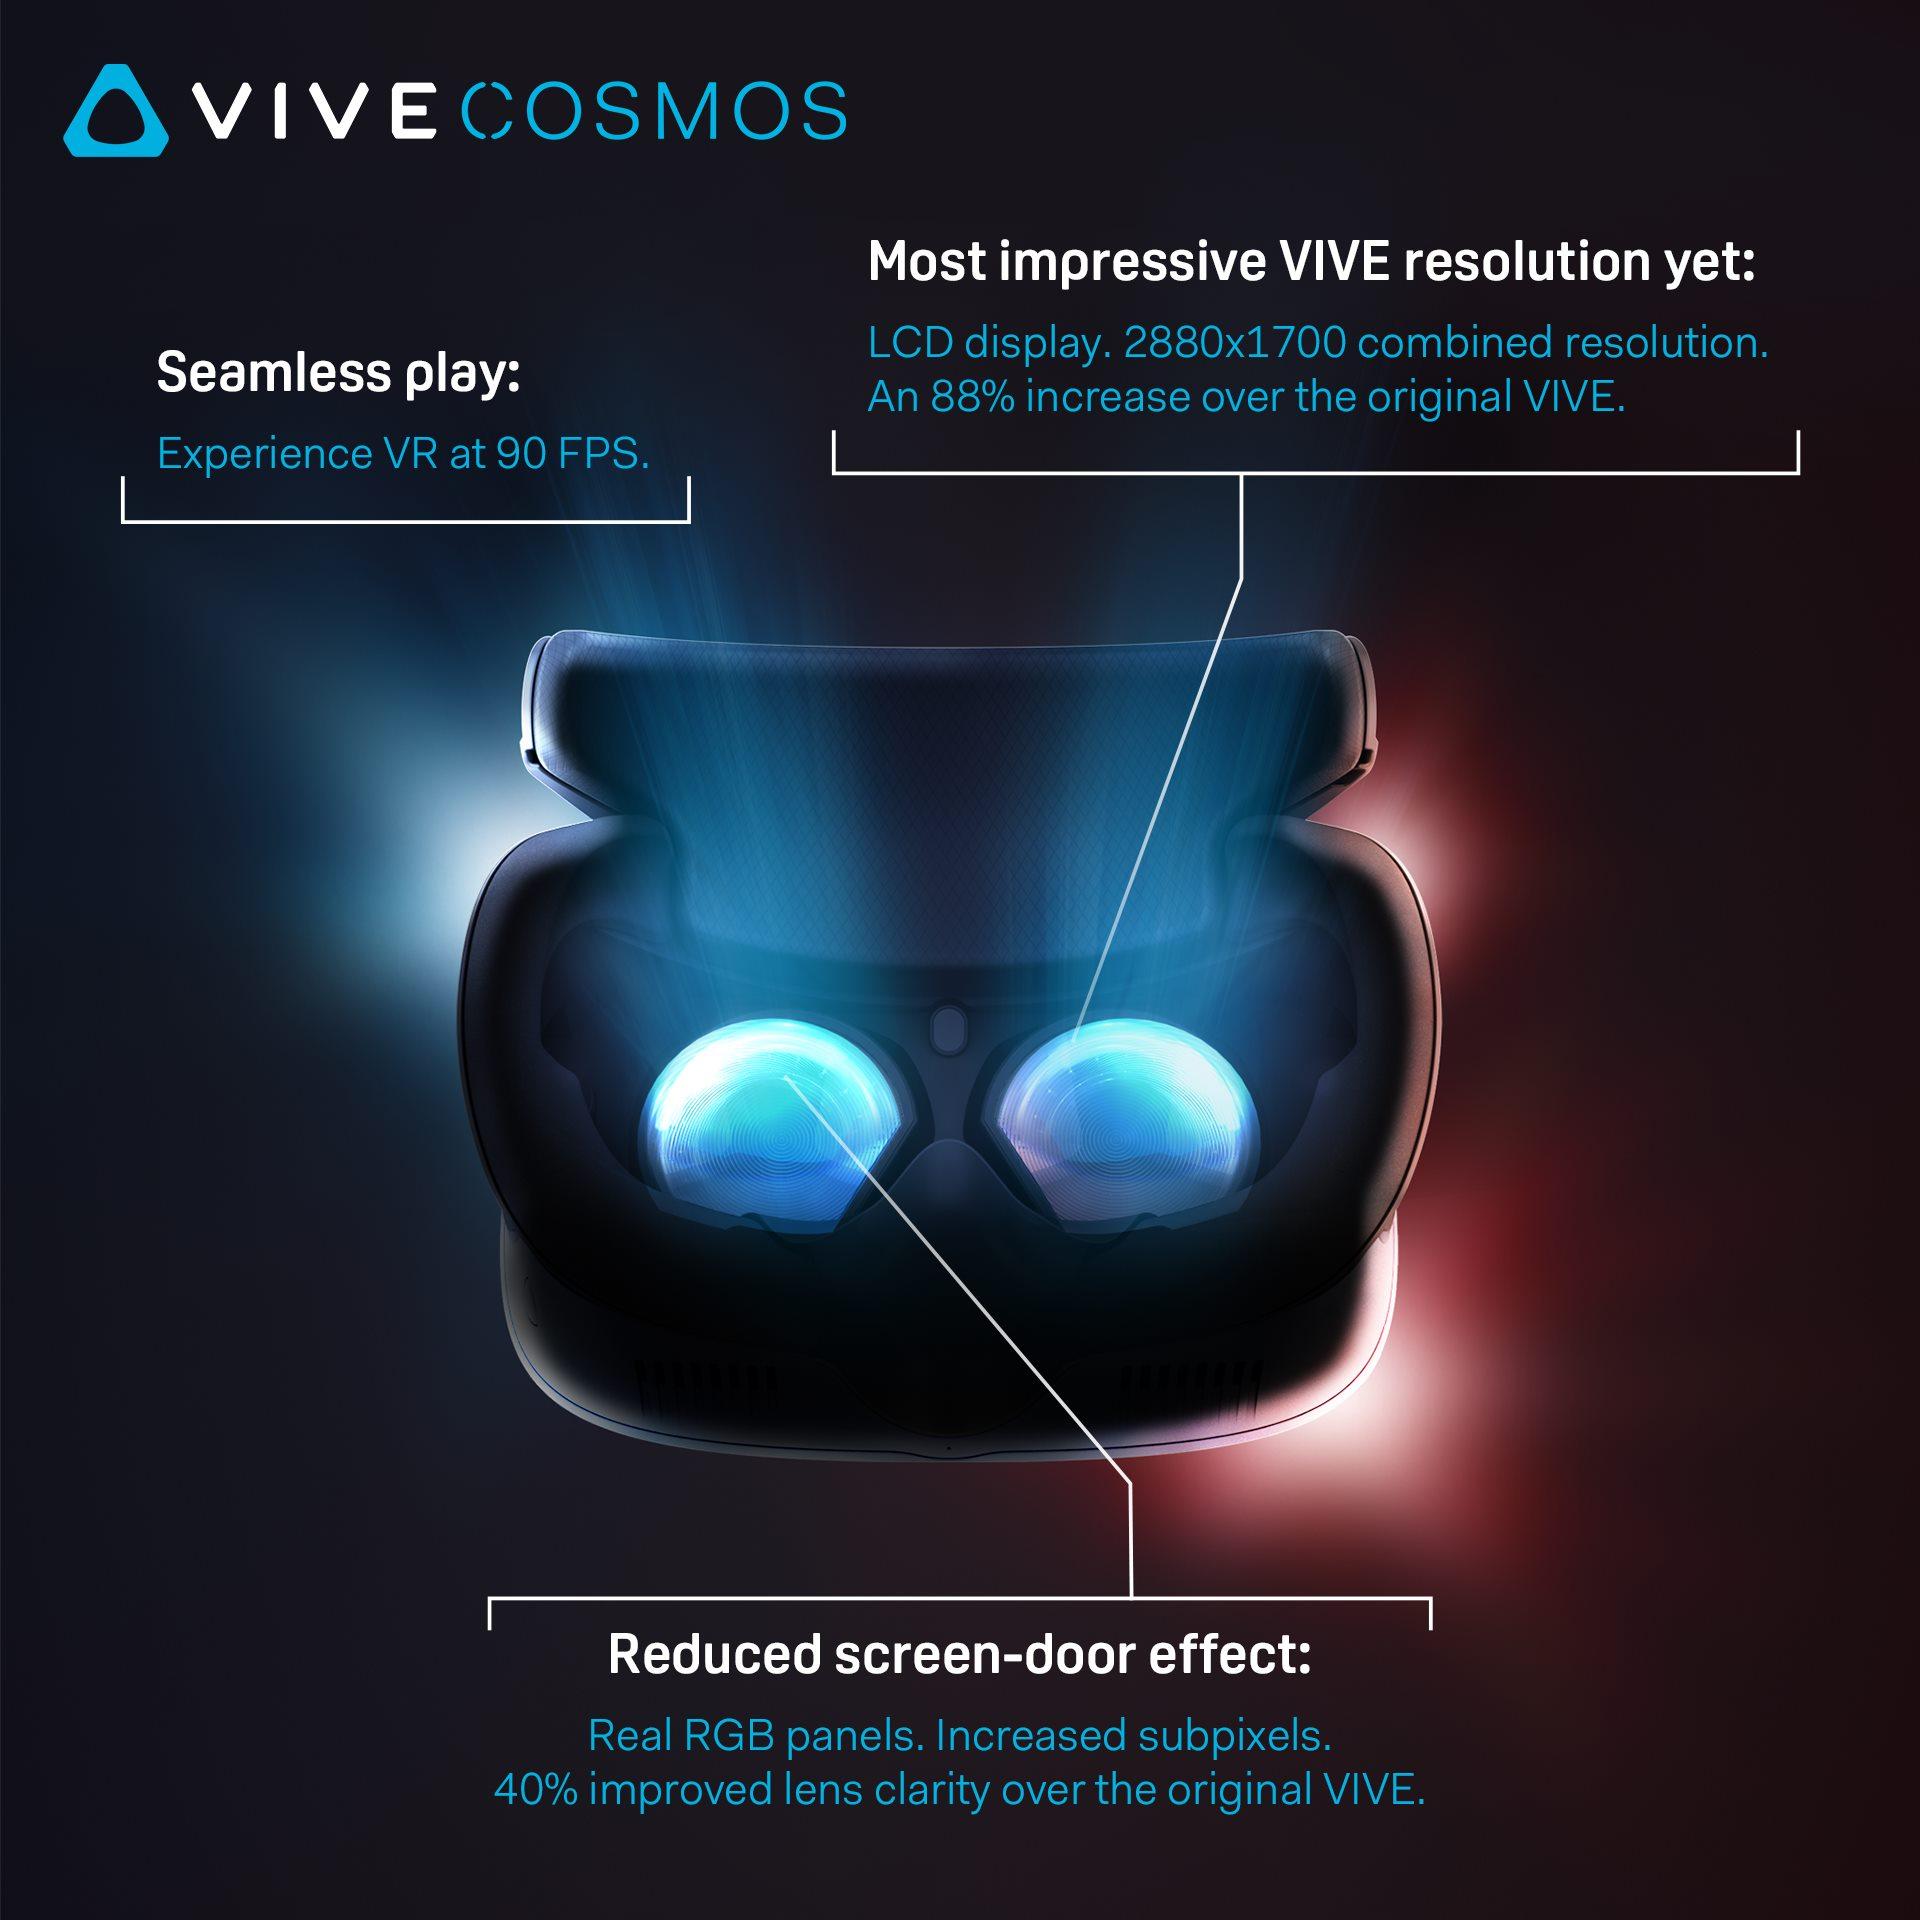 Vive Cosmos - HTC lance trois nouveaux casques VR avec plaques frontales interchangeables 1